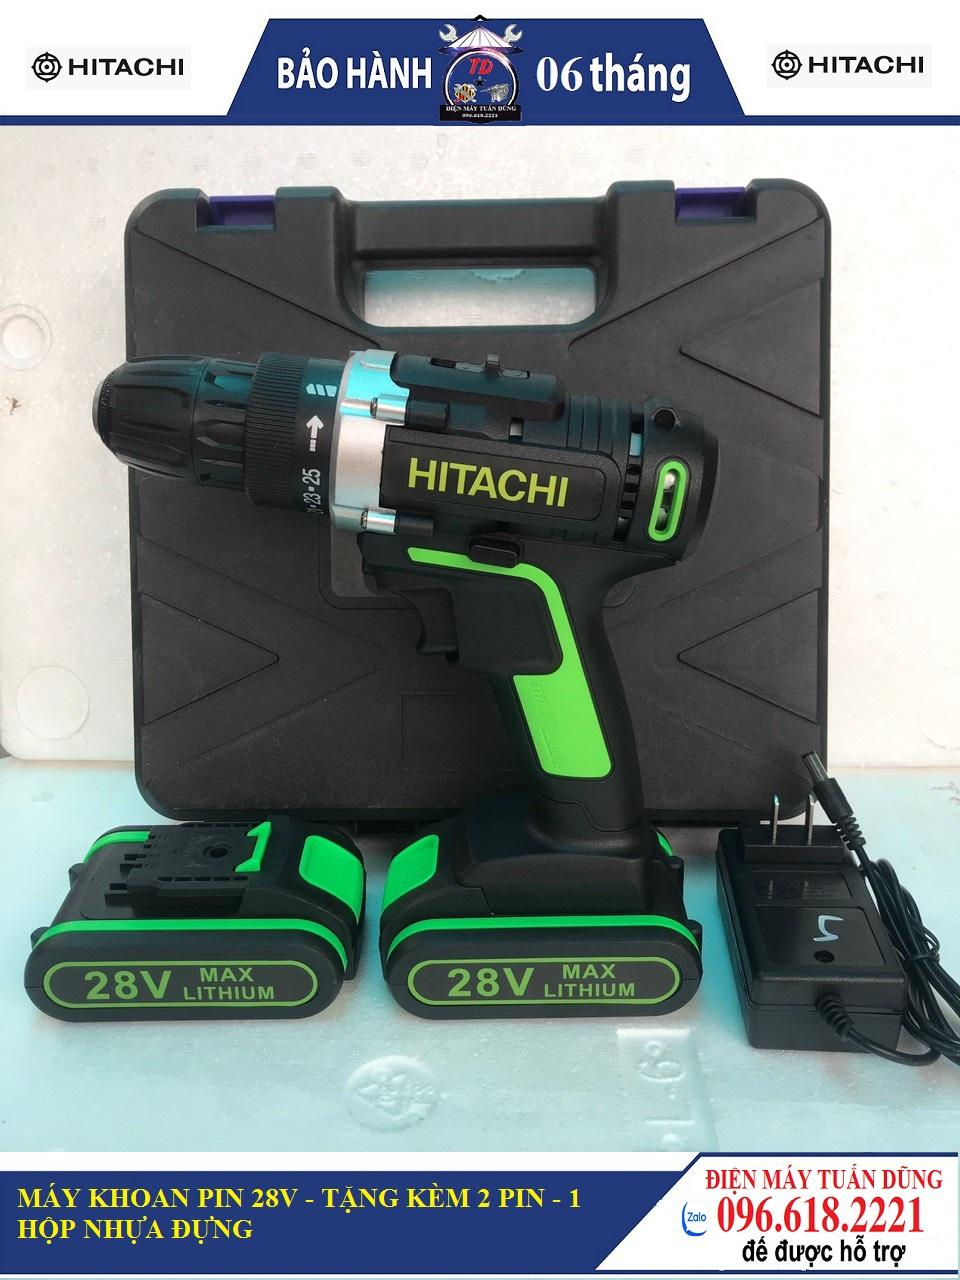 Máy khoan pin Hitachi 28V - 2 pin